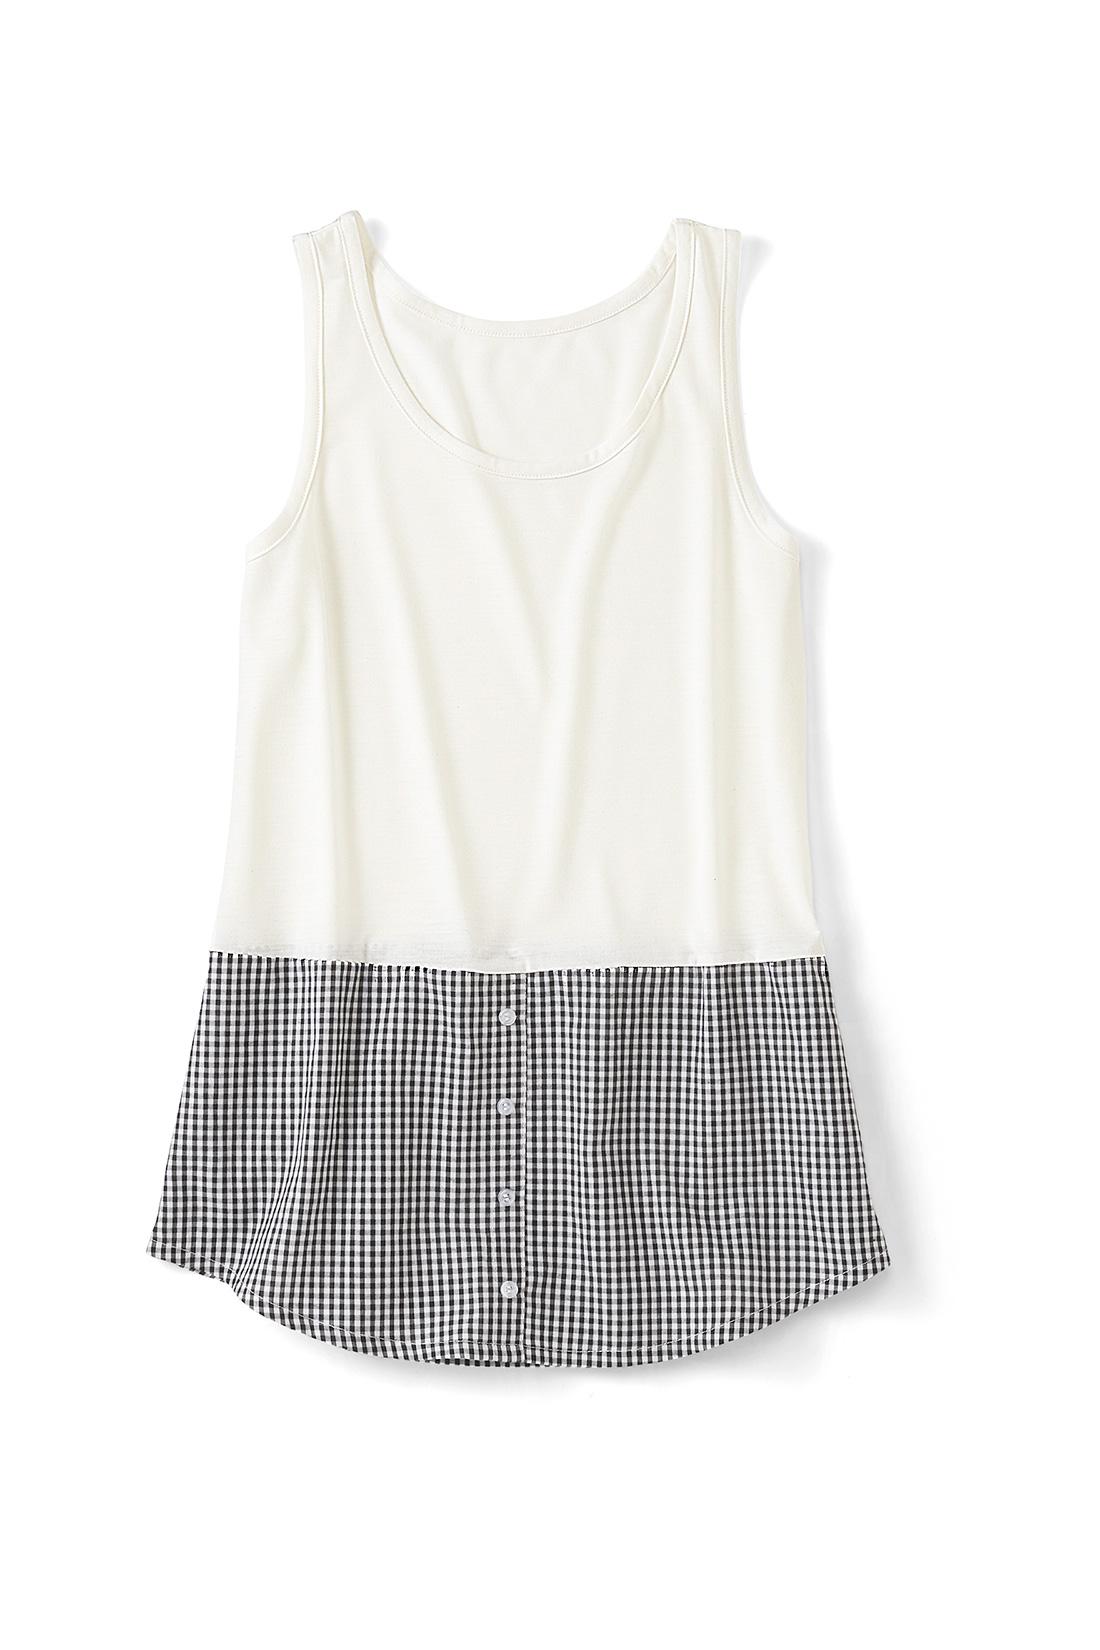 〈ギンガム〉 集めたくなるバリエーション シャツ部分はストライプにチェックなど、充実したラインナップ。前立てやボタンはフェイクの飾り仕様で、すそまで縫い付けられています。